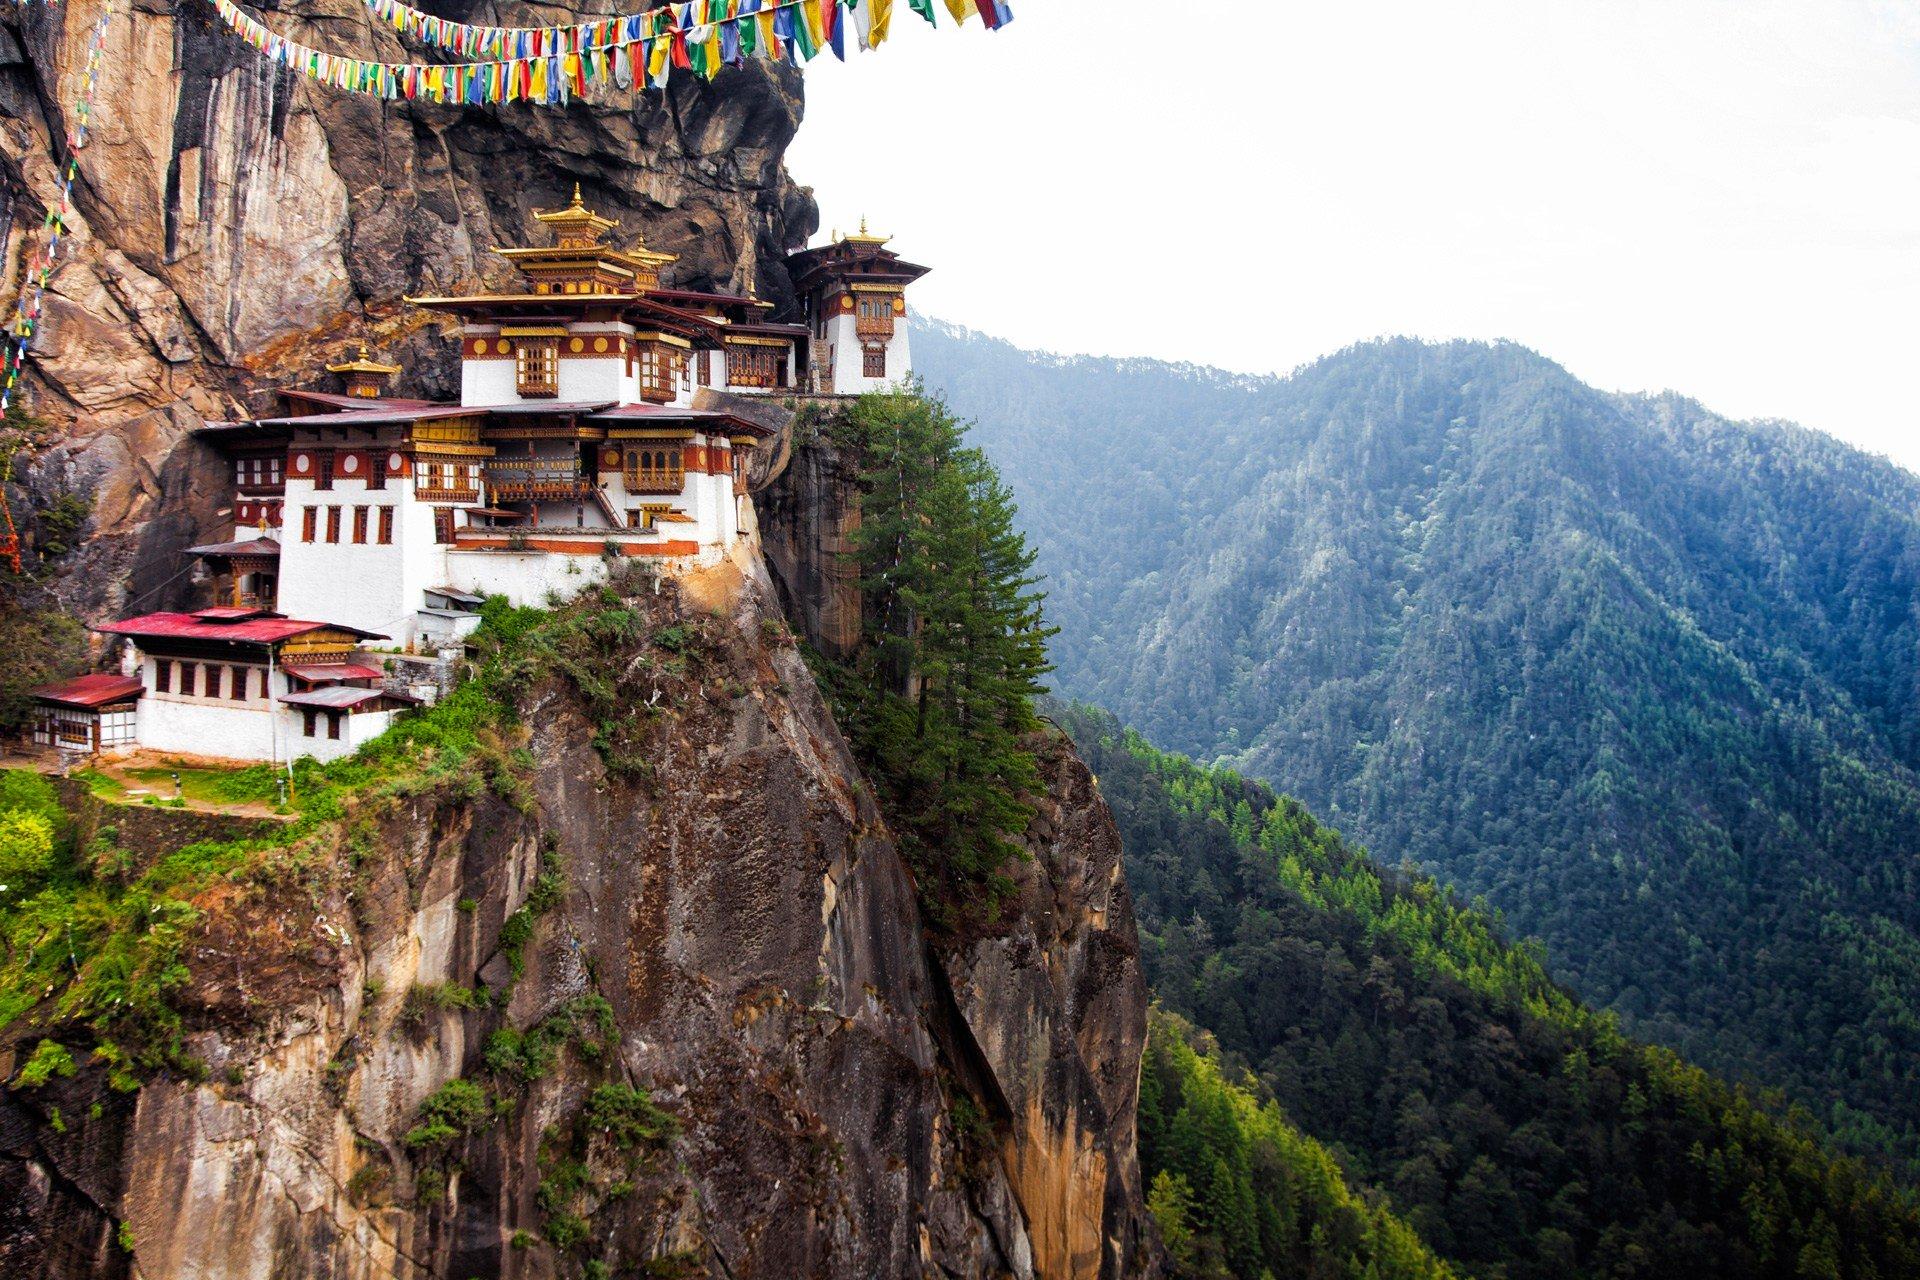 Tại sao Bhutan dù chỉ đứng thứ 84, nhưng vẫn luôn được coi là quốc gia hạnh phúc nhất? - Ảnh 2.